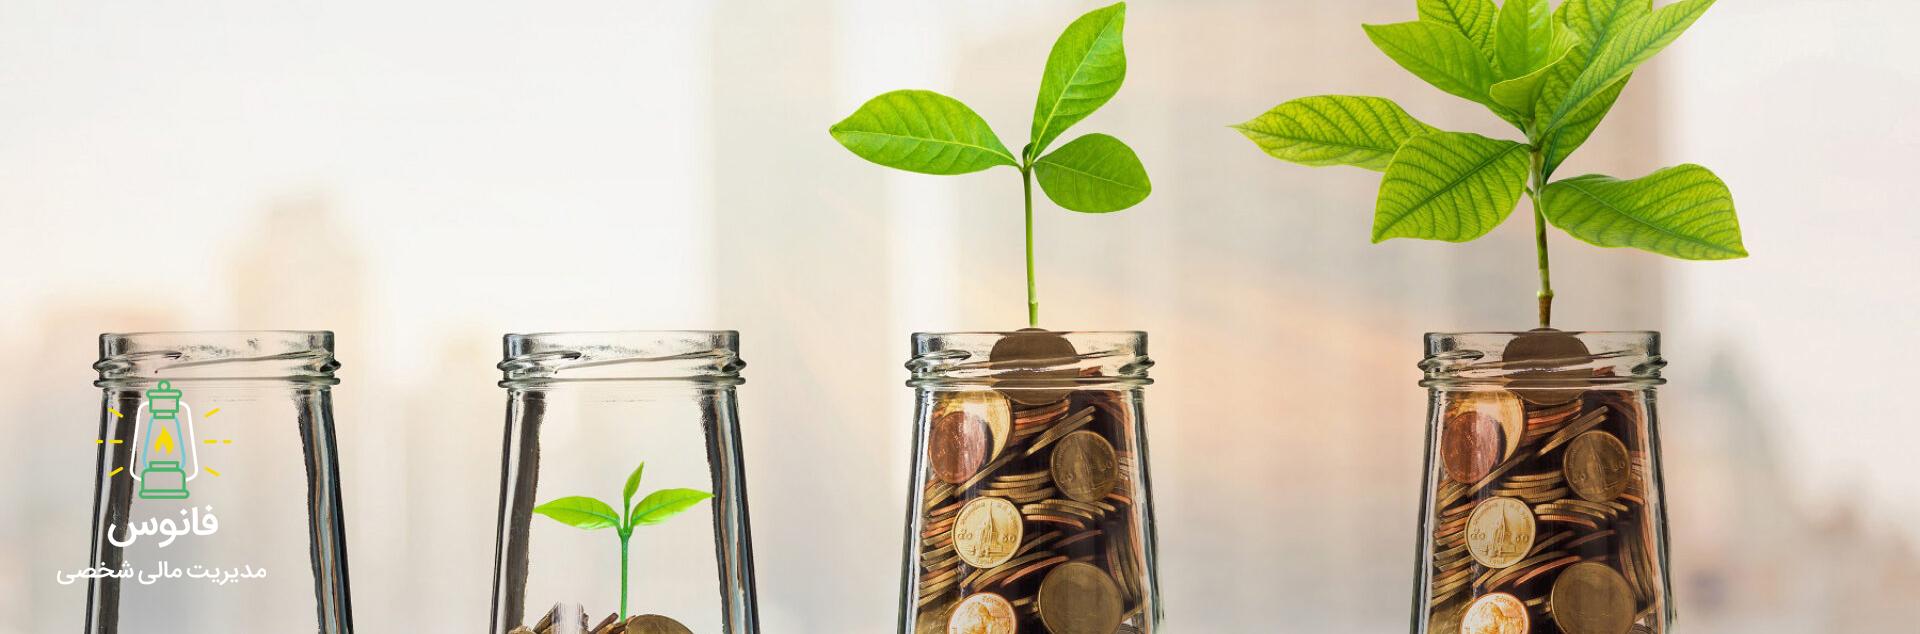 مزیت سرمایه گذاری در بخش های مختلف